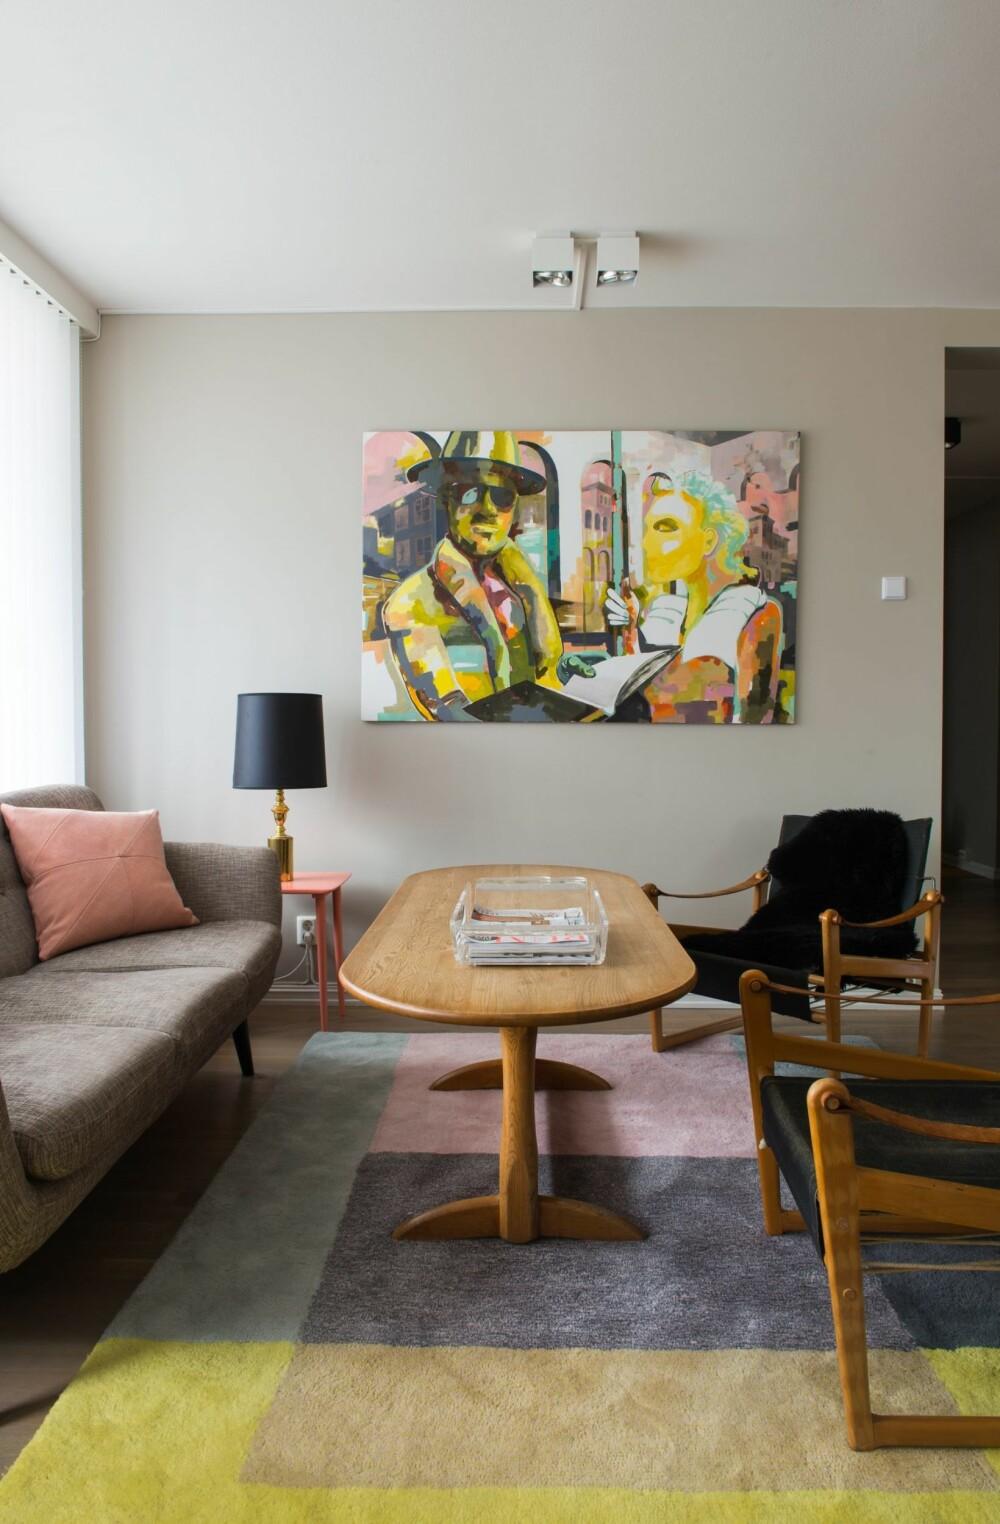 GRÅTT, BRUNT OG LYSROSA: Komfortdelen av stuen er innredet med safaristoler fra en dansk bruktbutikk, et arvet sofabord og et gulvteppe fra Hay. Bordlampen er satt sammen av en ny skjerm og en gammel fot fra norske Høvik Lys. Maleriet er Helenes eget verk.